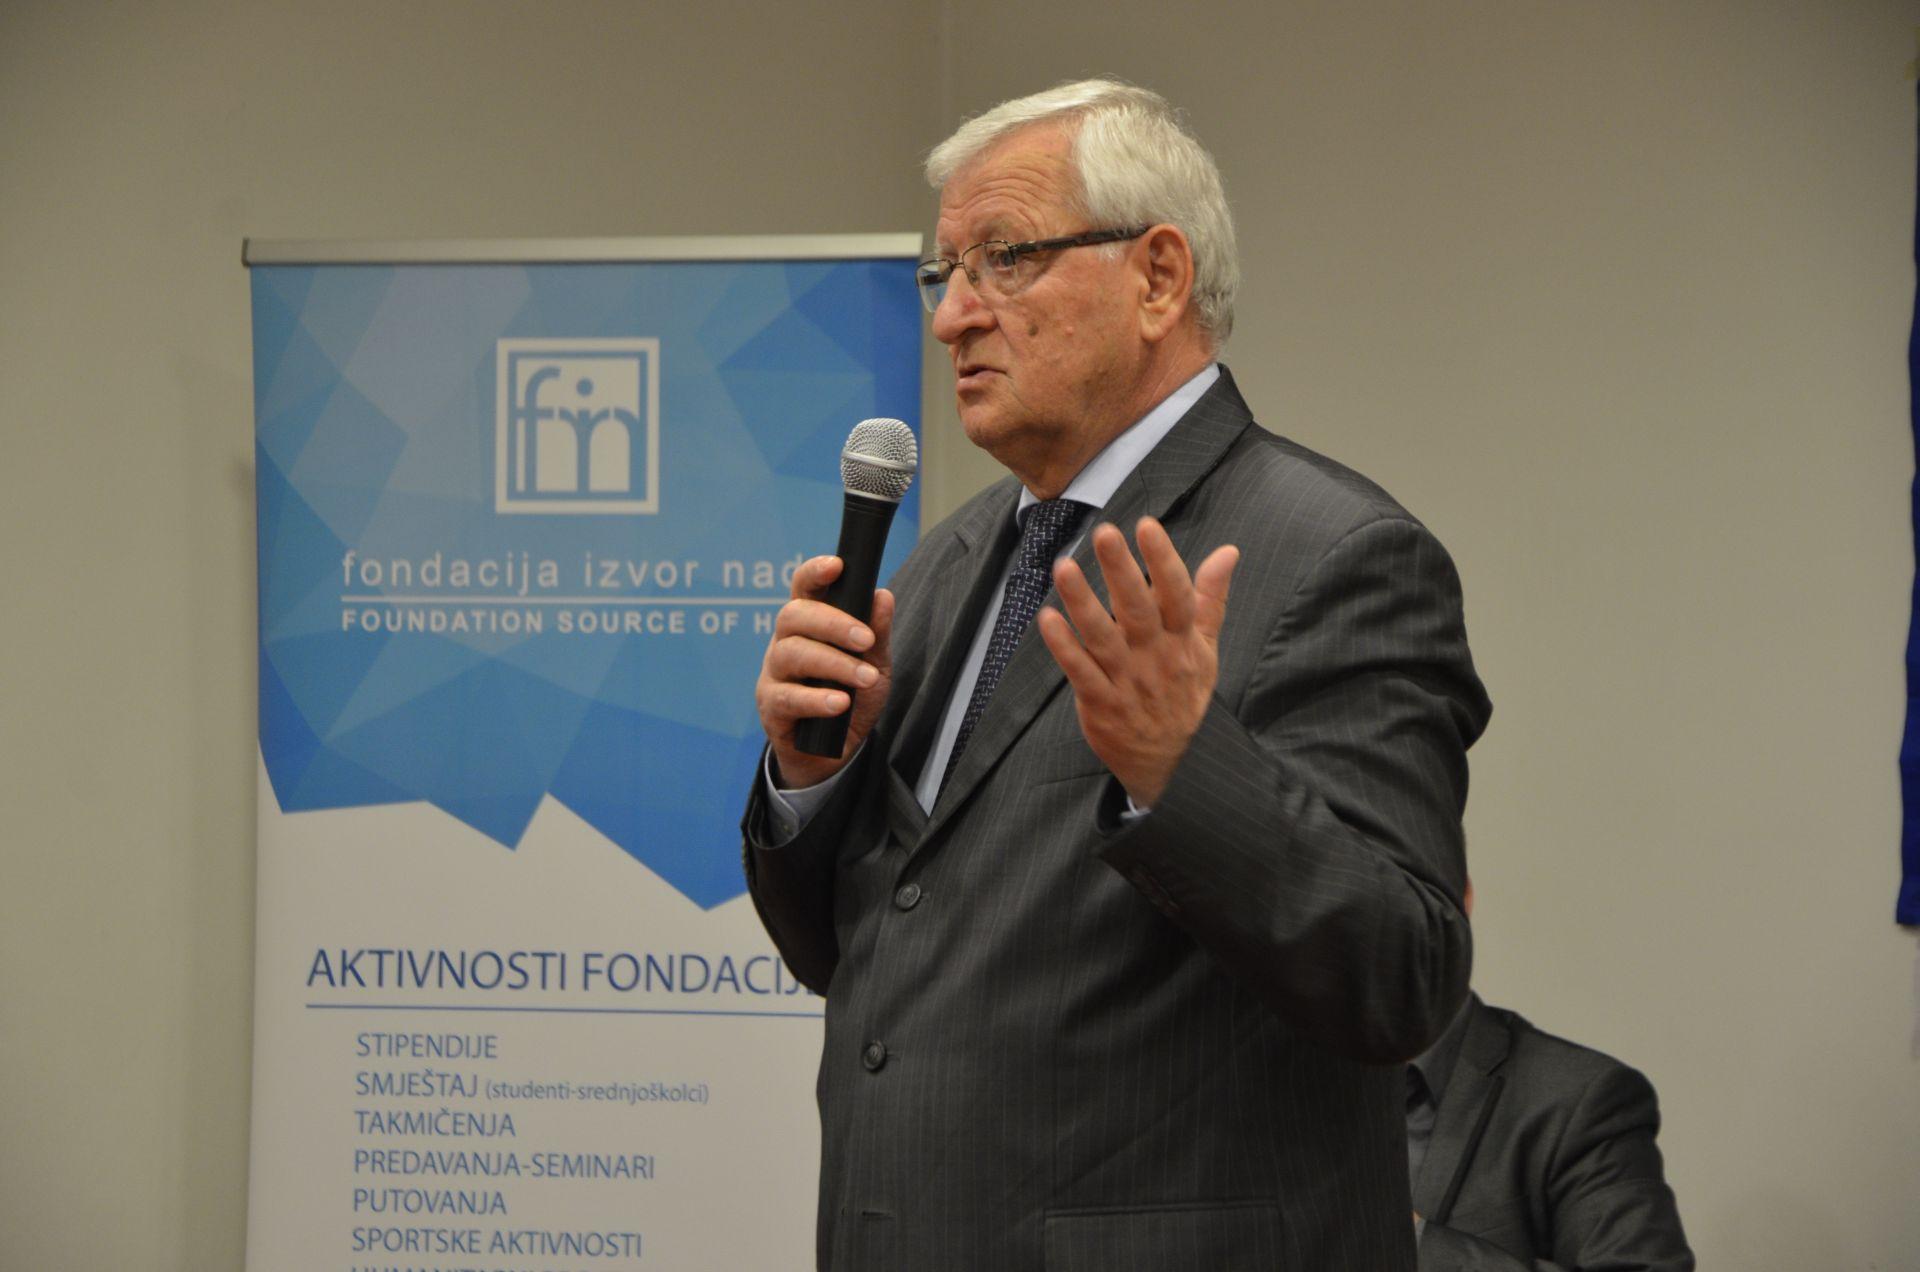 Predavanje prof. dr. Mirko Pejanovic